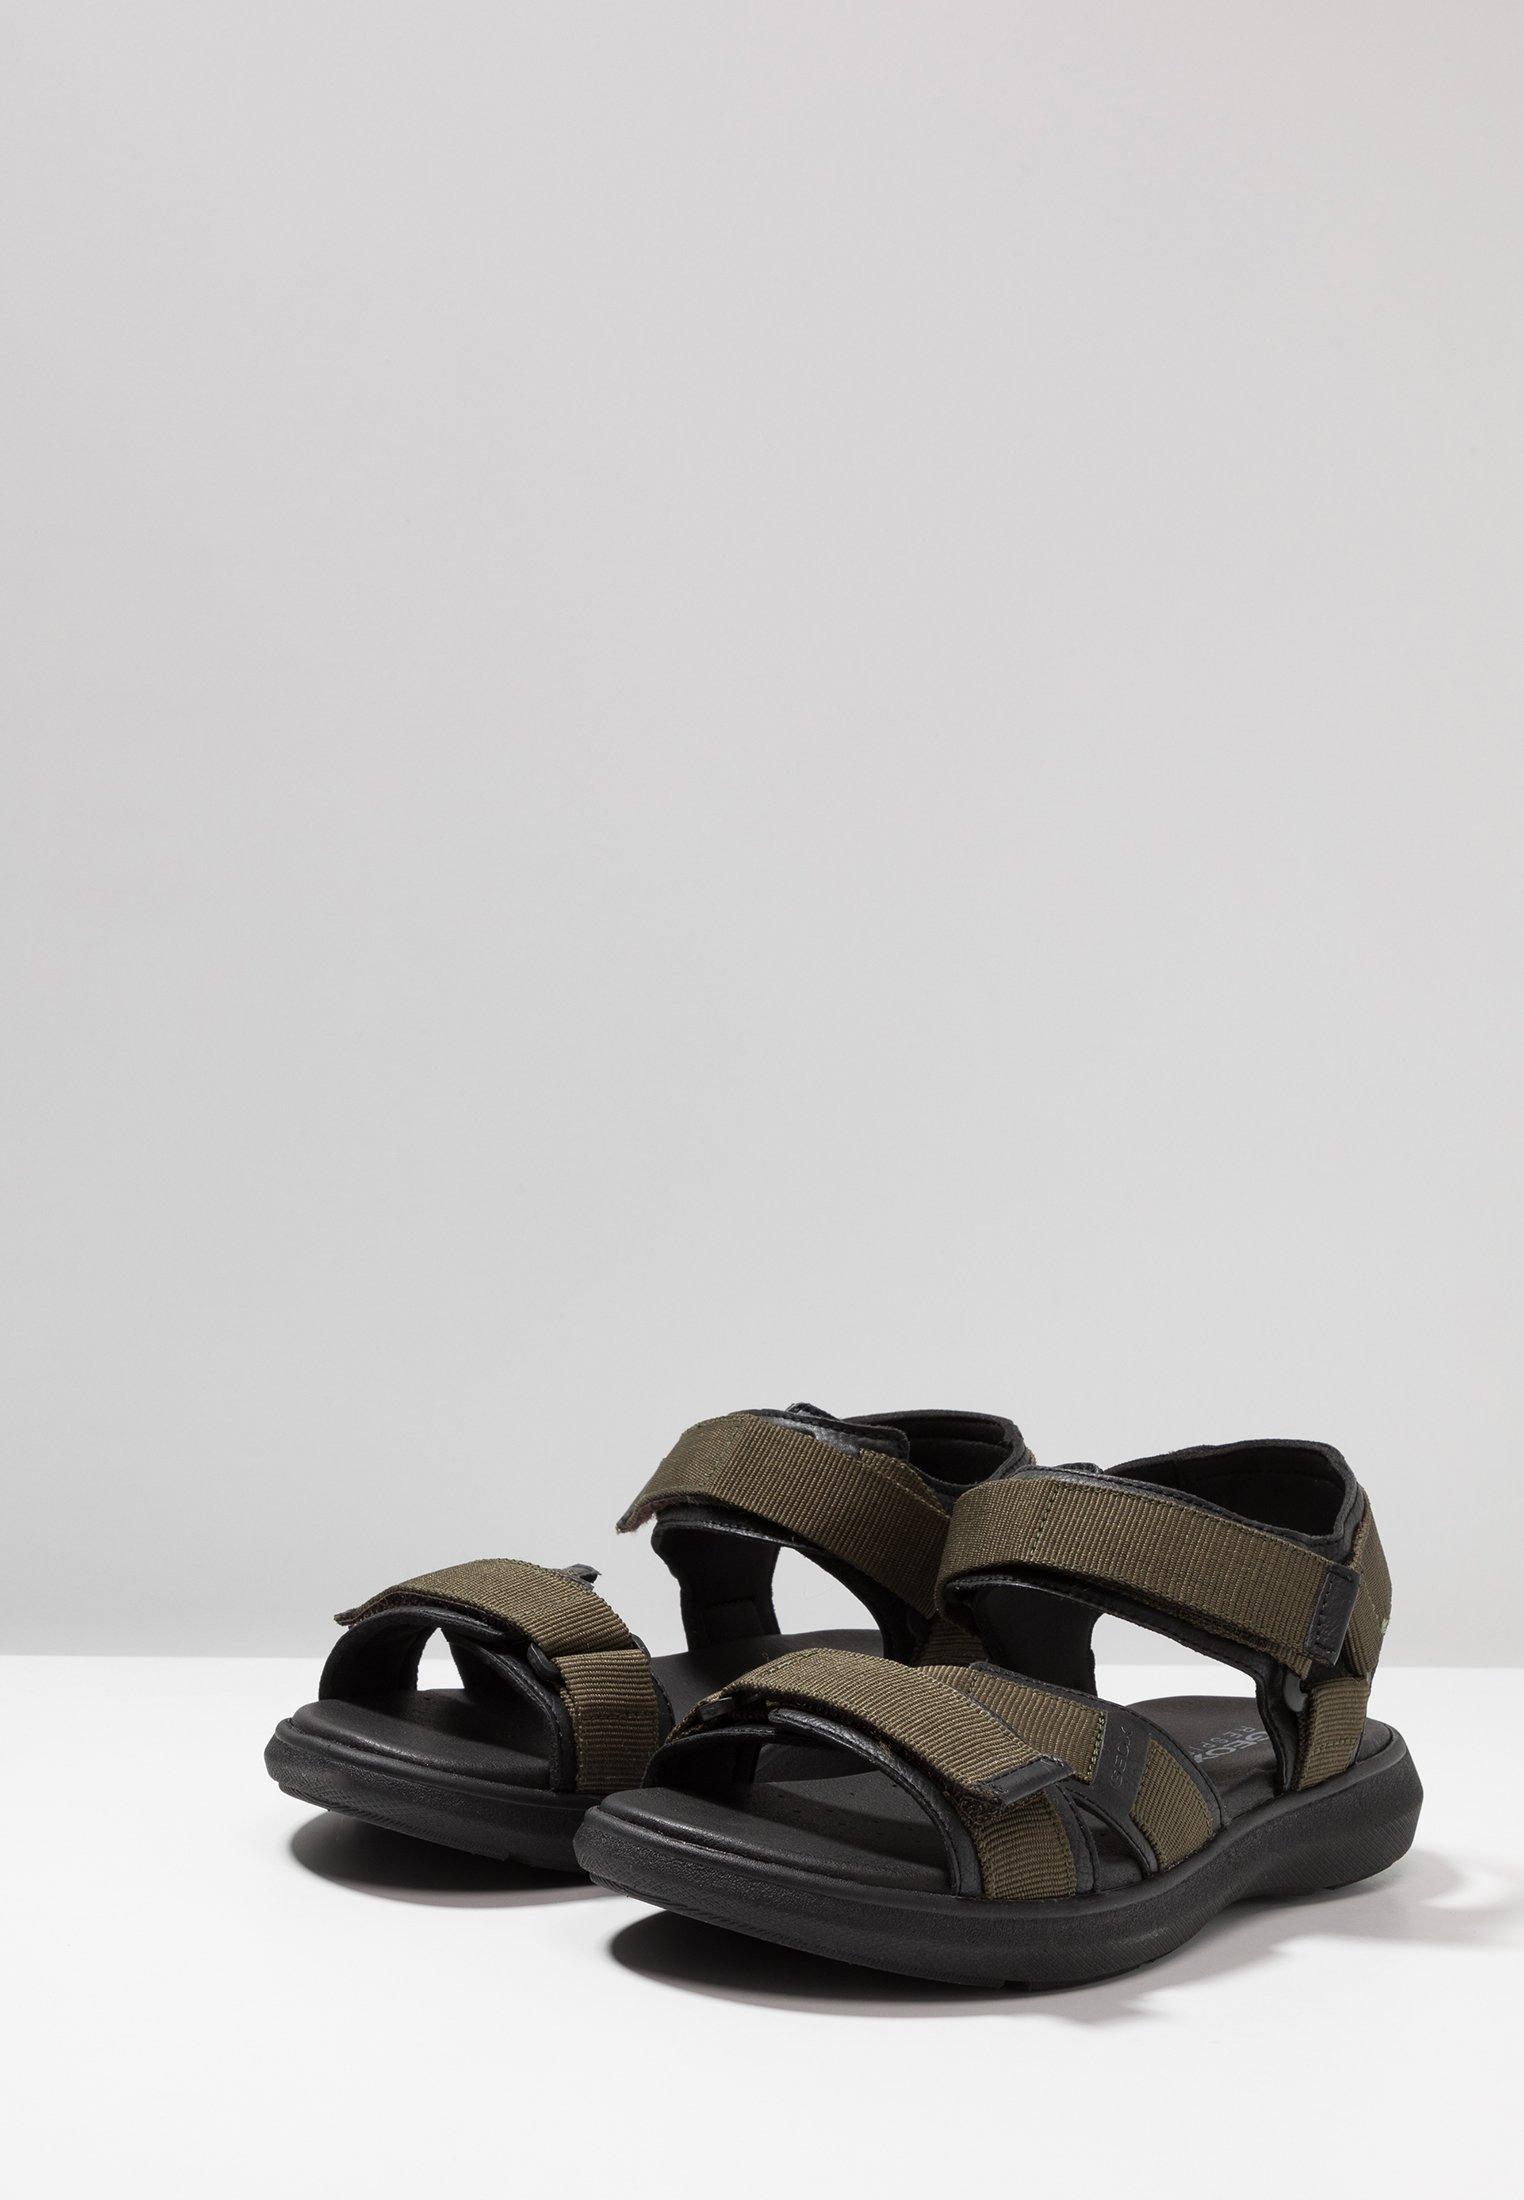 Geox GOINWAY - Sandales de randonnée military/black